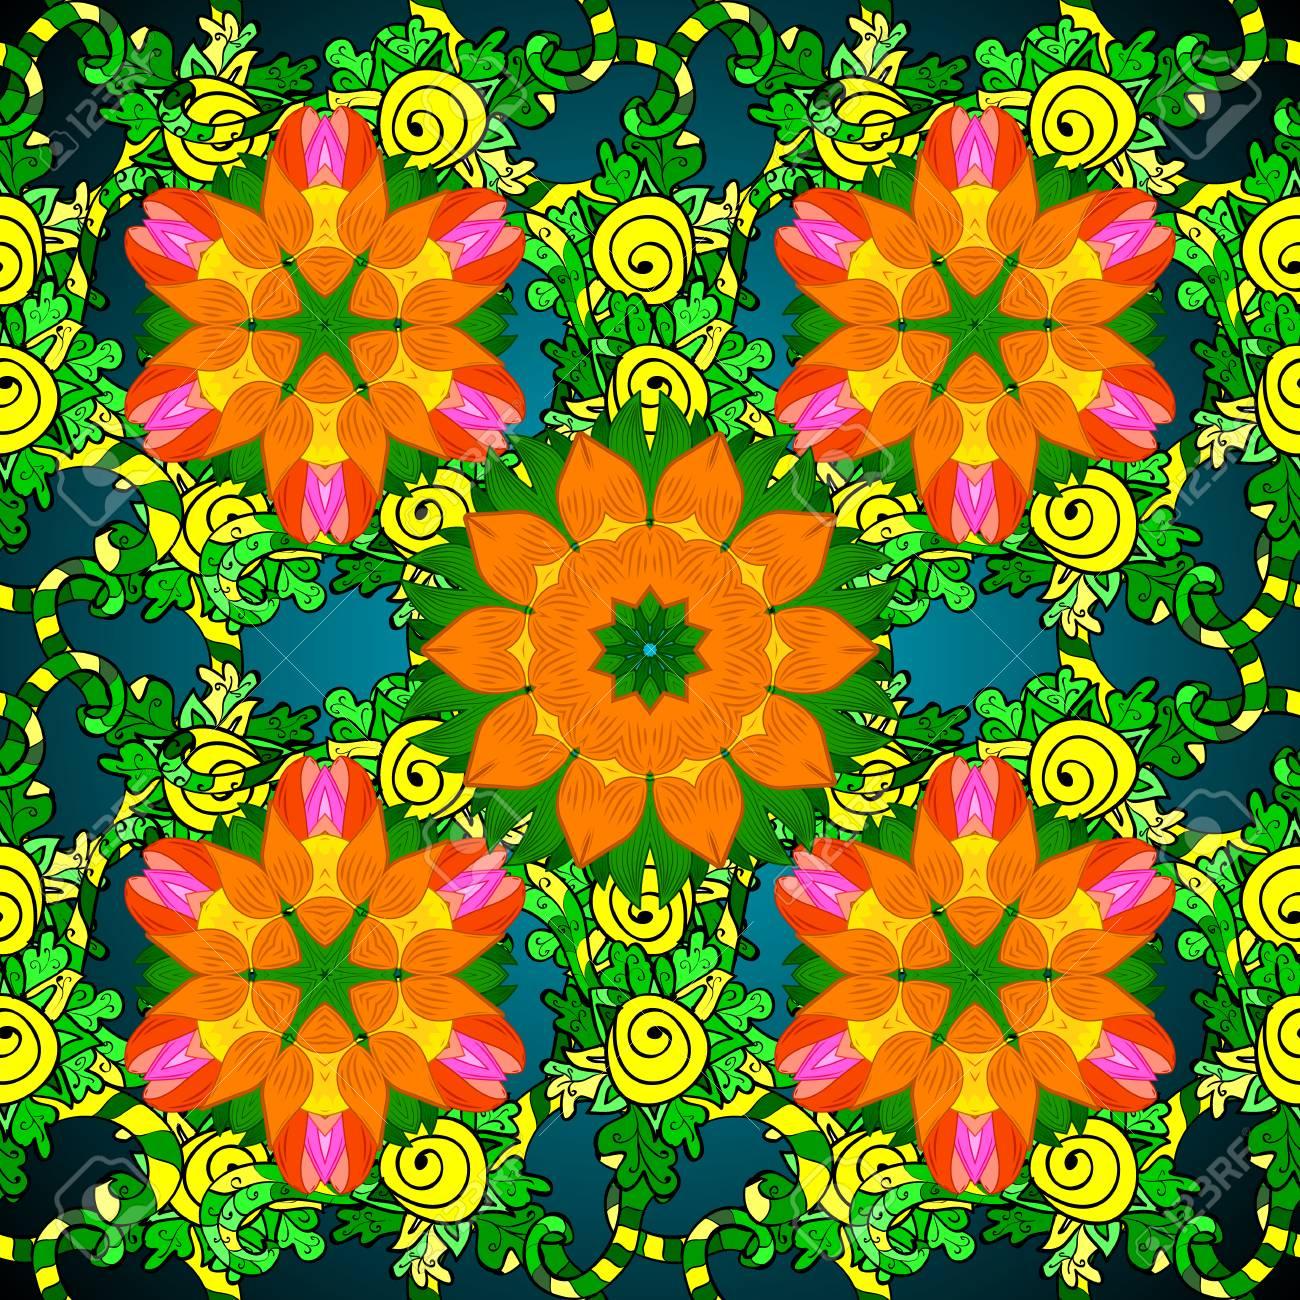 Coloriage Fleur Doranger.Livre De Coloriage De Fleur De Mandala Pour Adultes Illustration